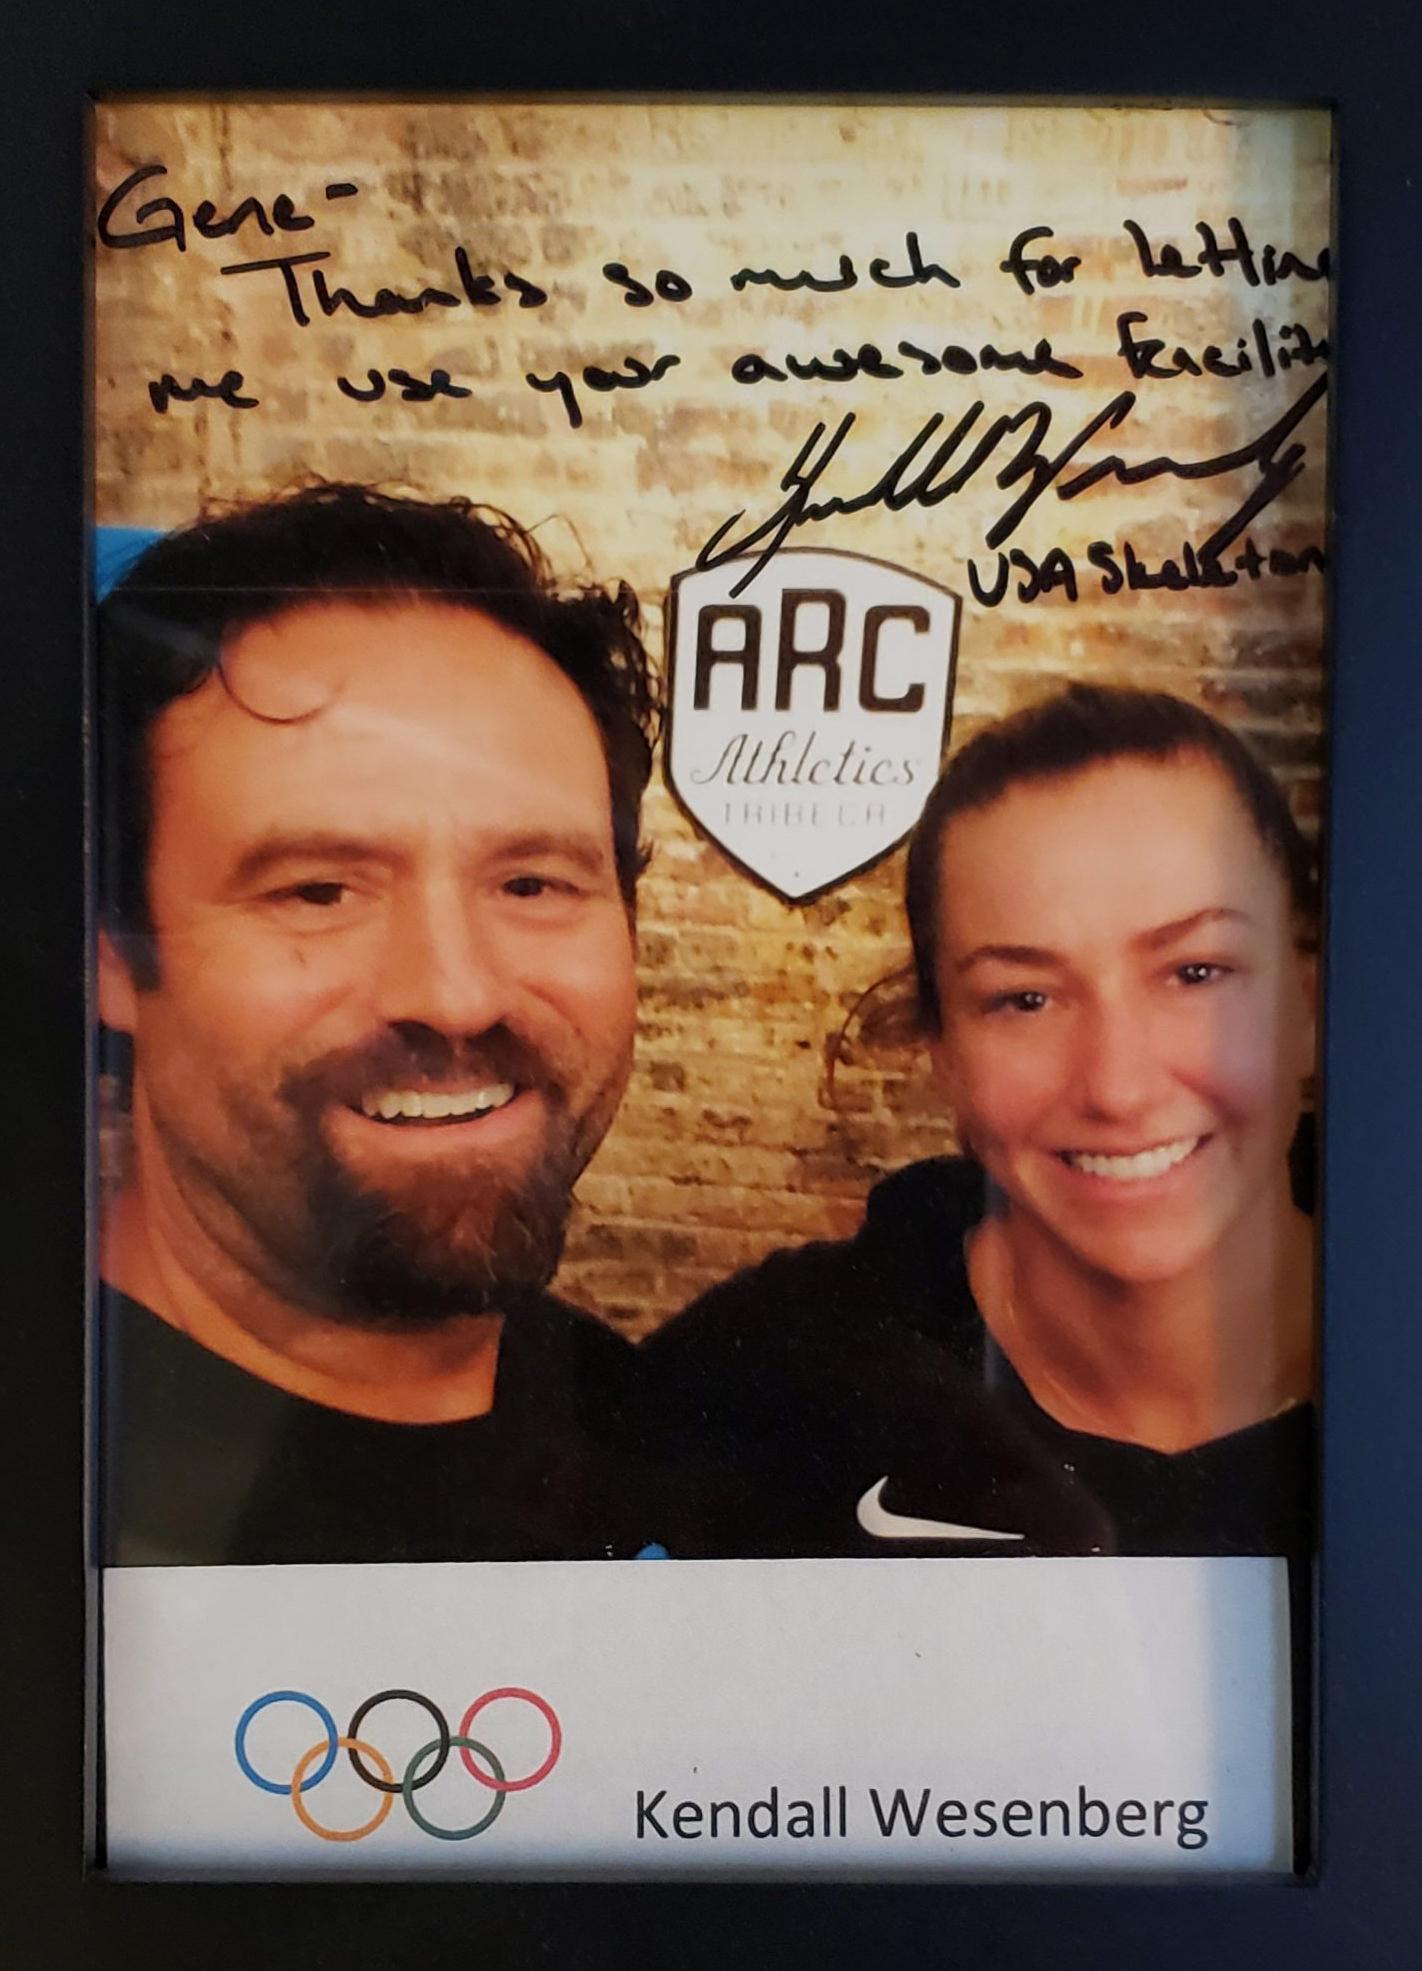 Kendall Wesenberg & Gene at ARC